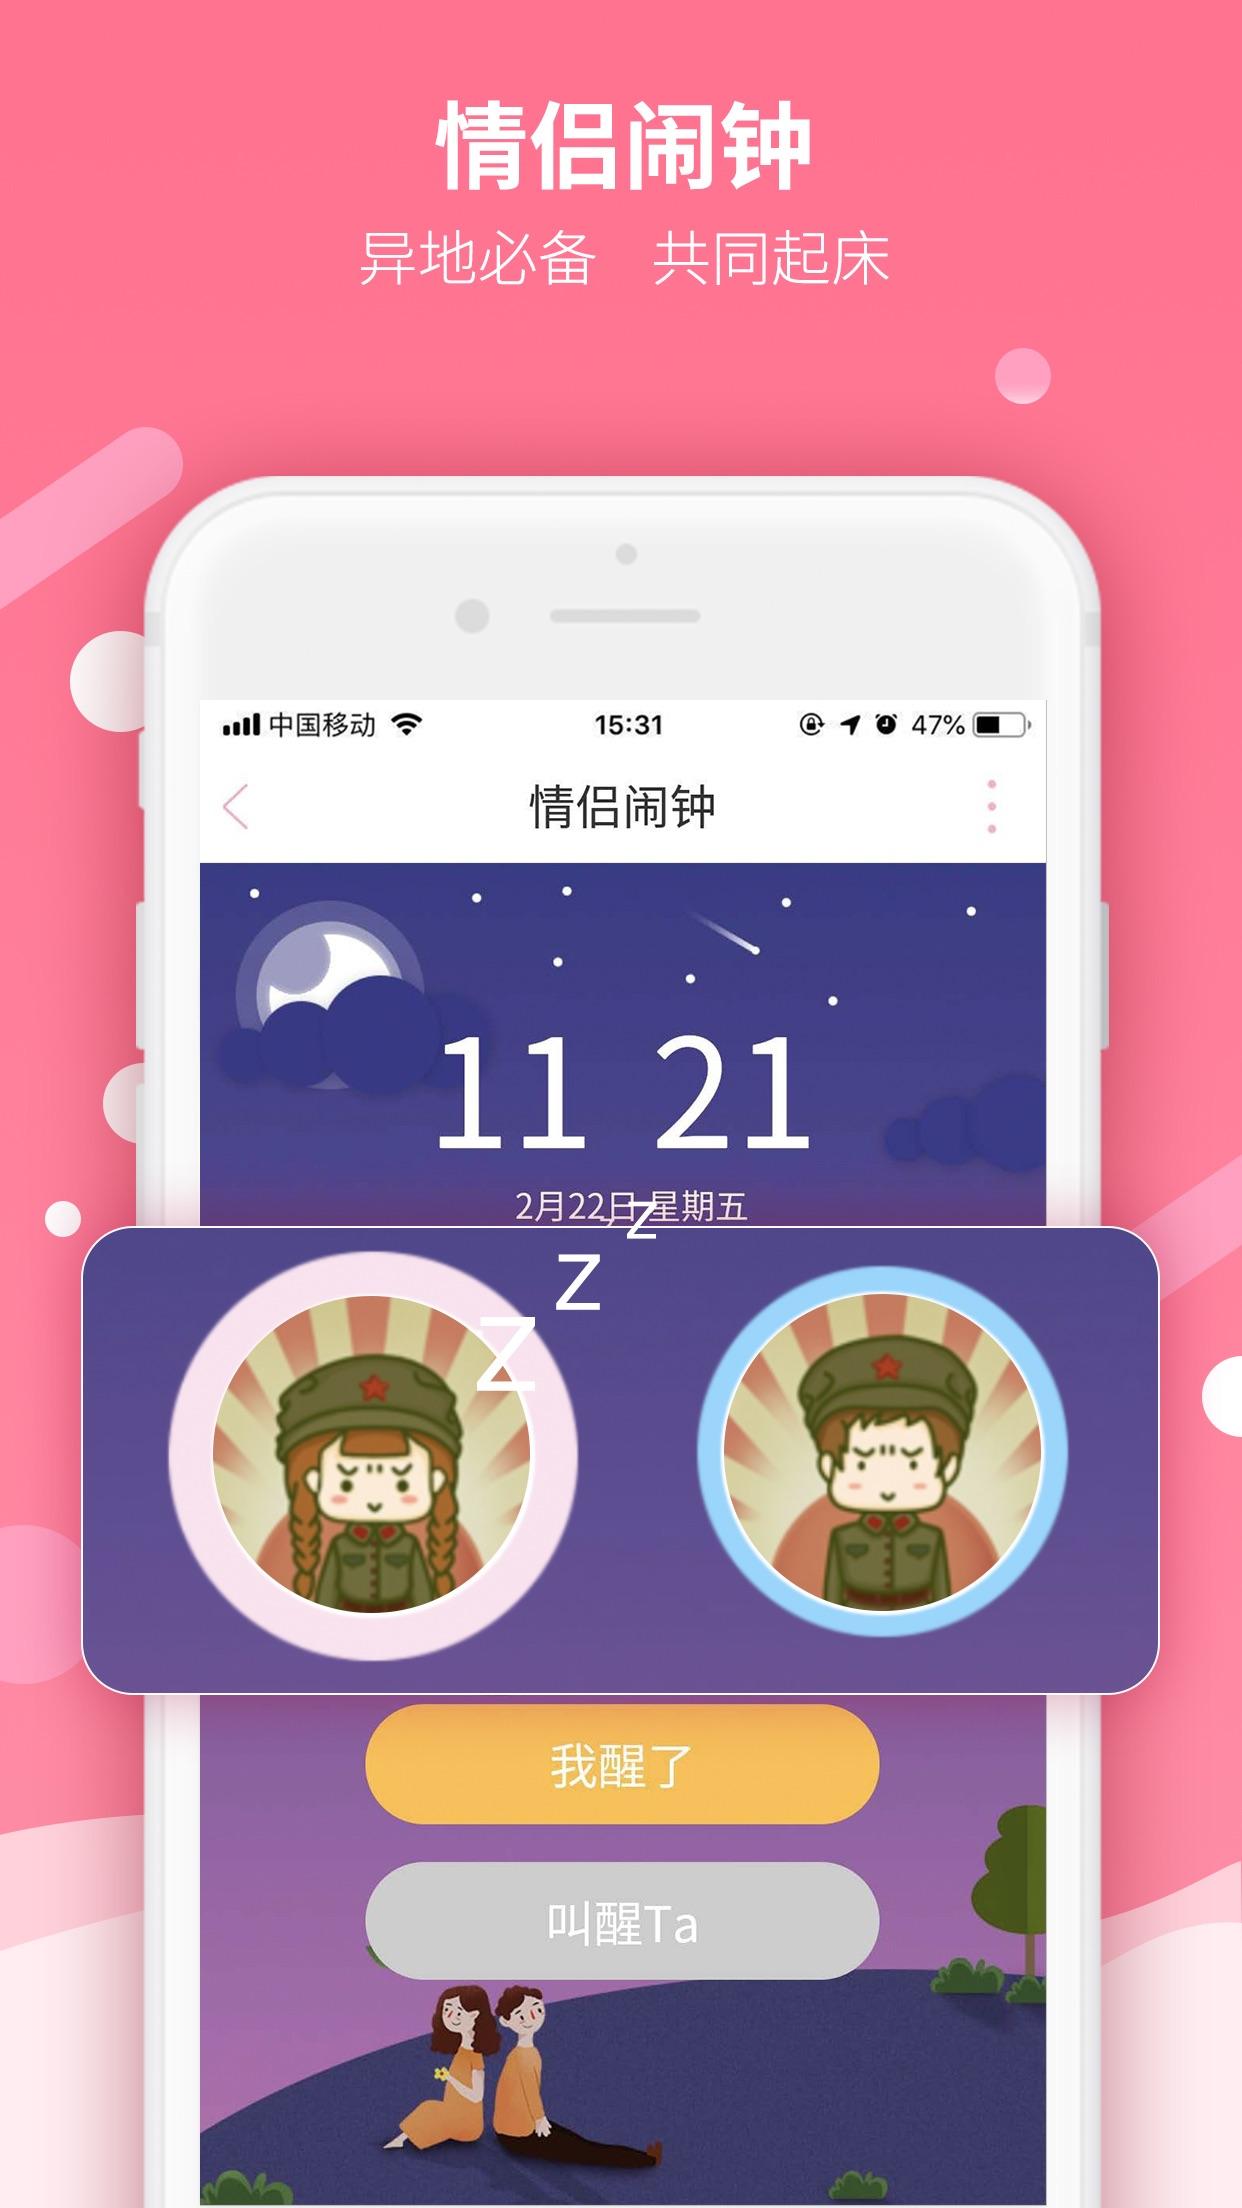 恋爱记-情侣专属空间 Screenshot